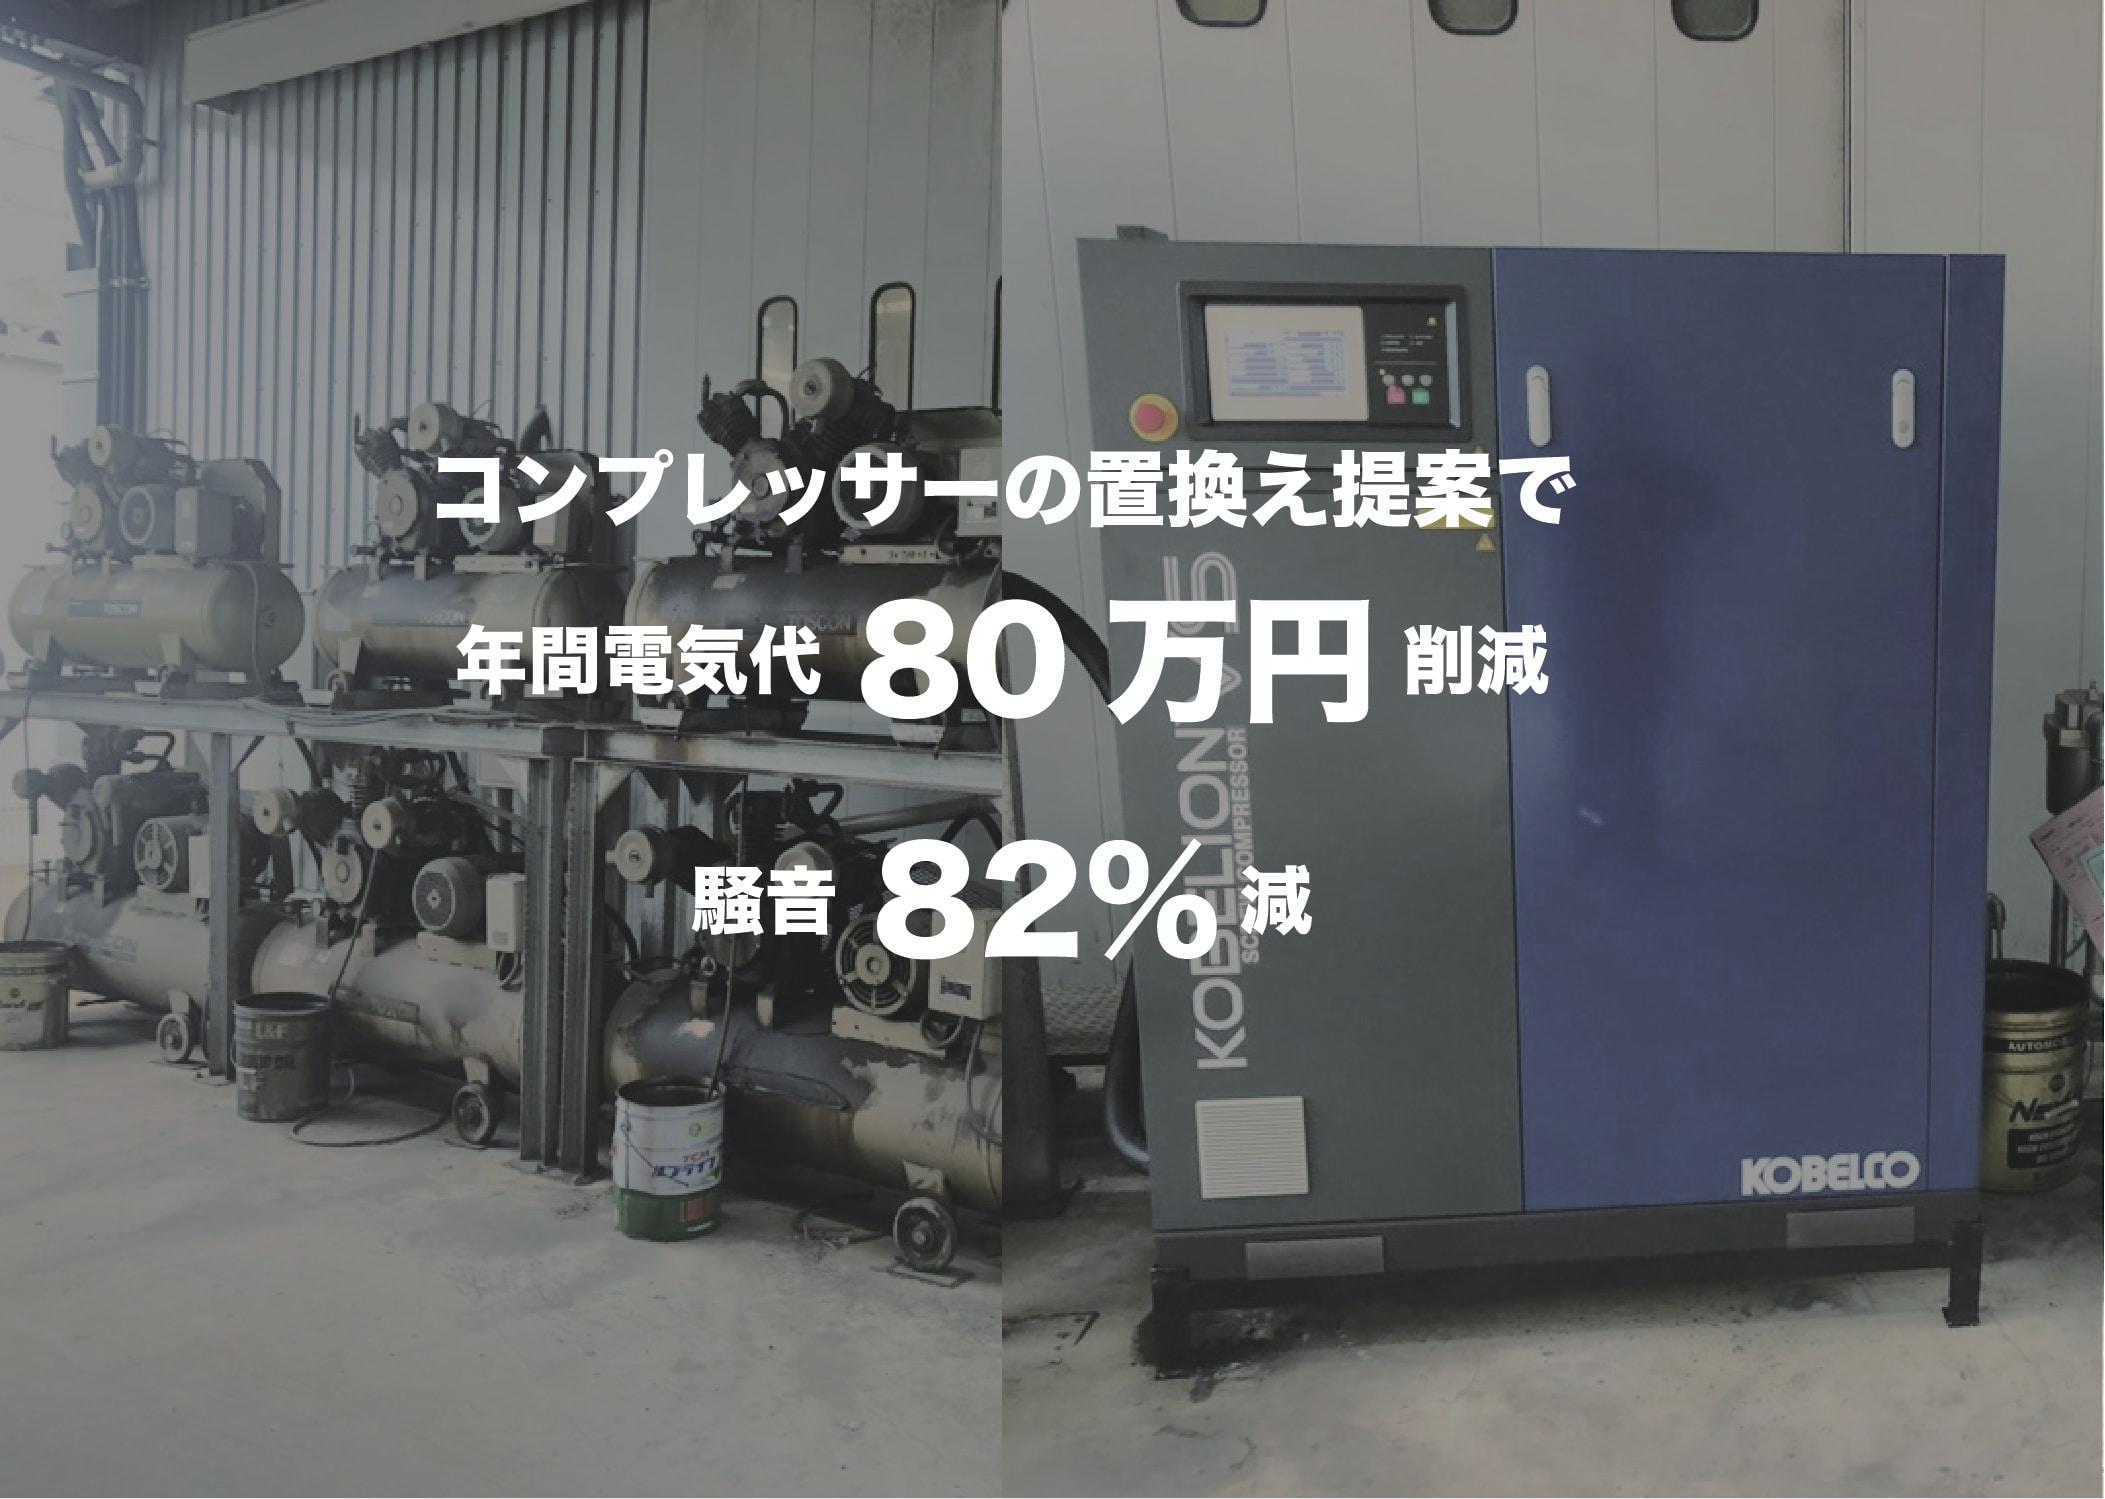 環境対策実績事例_コンプレッサー コンプレッサーの置換え提案で年間電気代80万円削減、騒音82%減